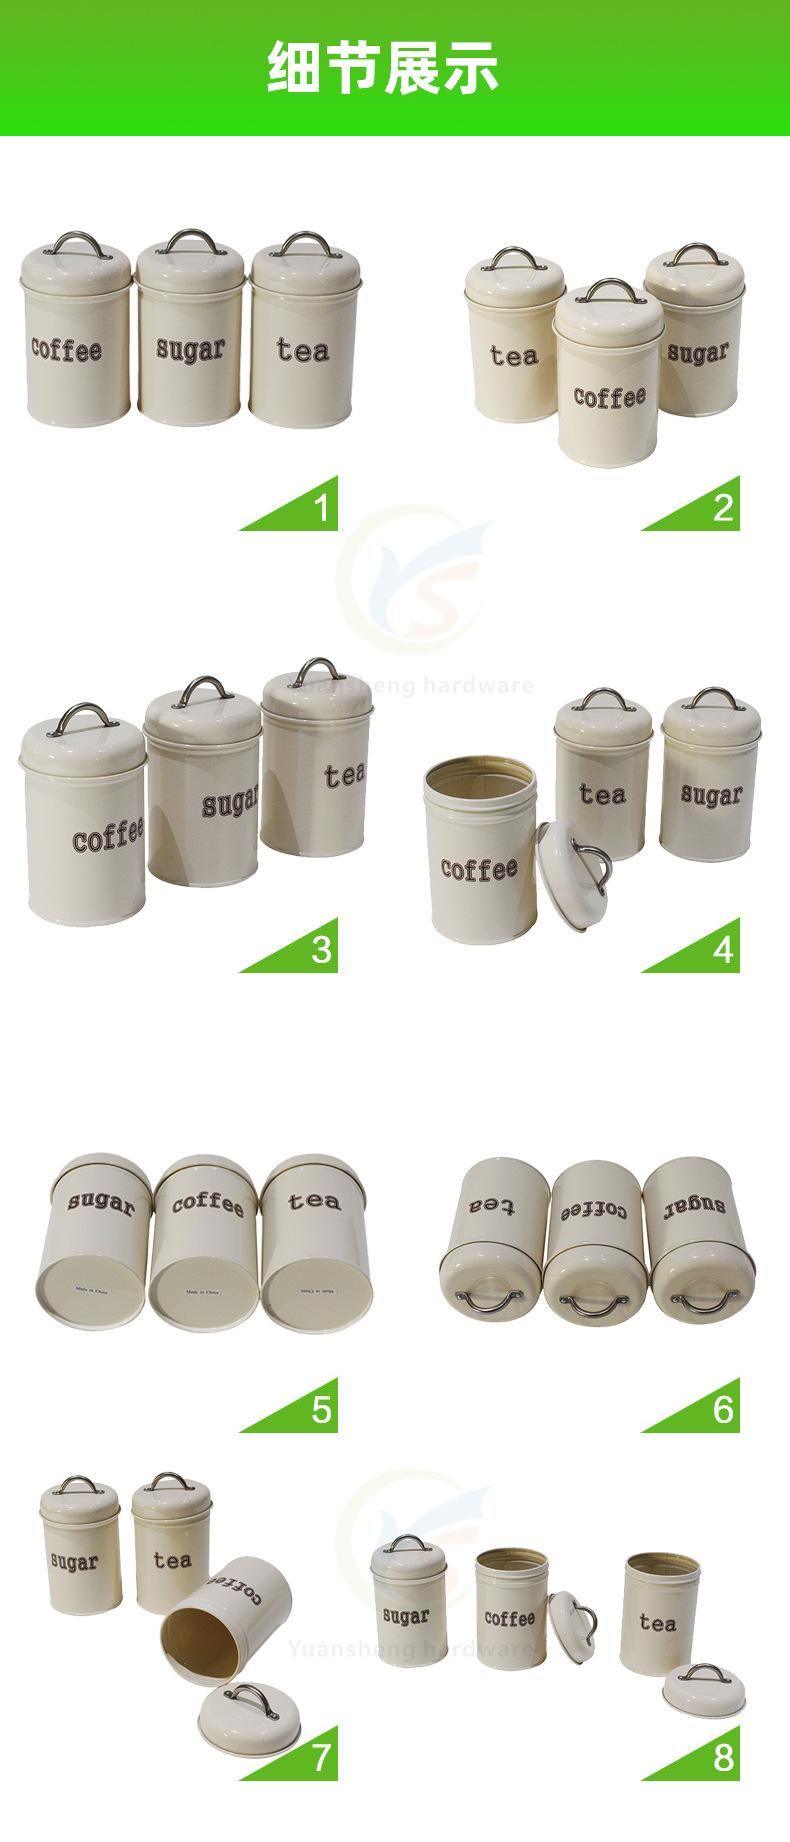 亚马逊镀锌铁皮罐定制 厨房圆形复古红咖啡糖果茶叶密封罐 储物罐